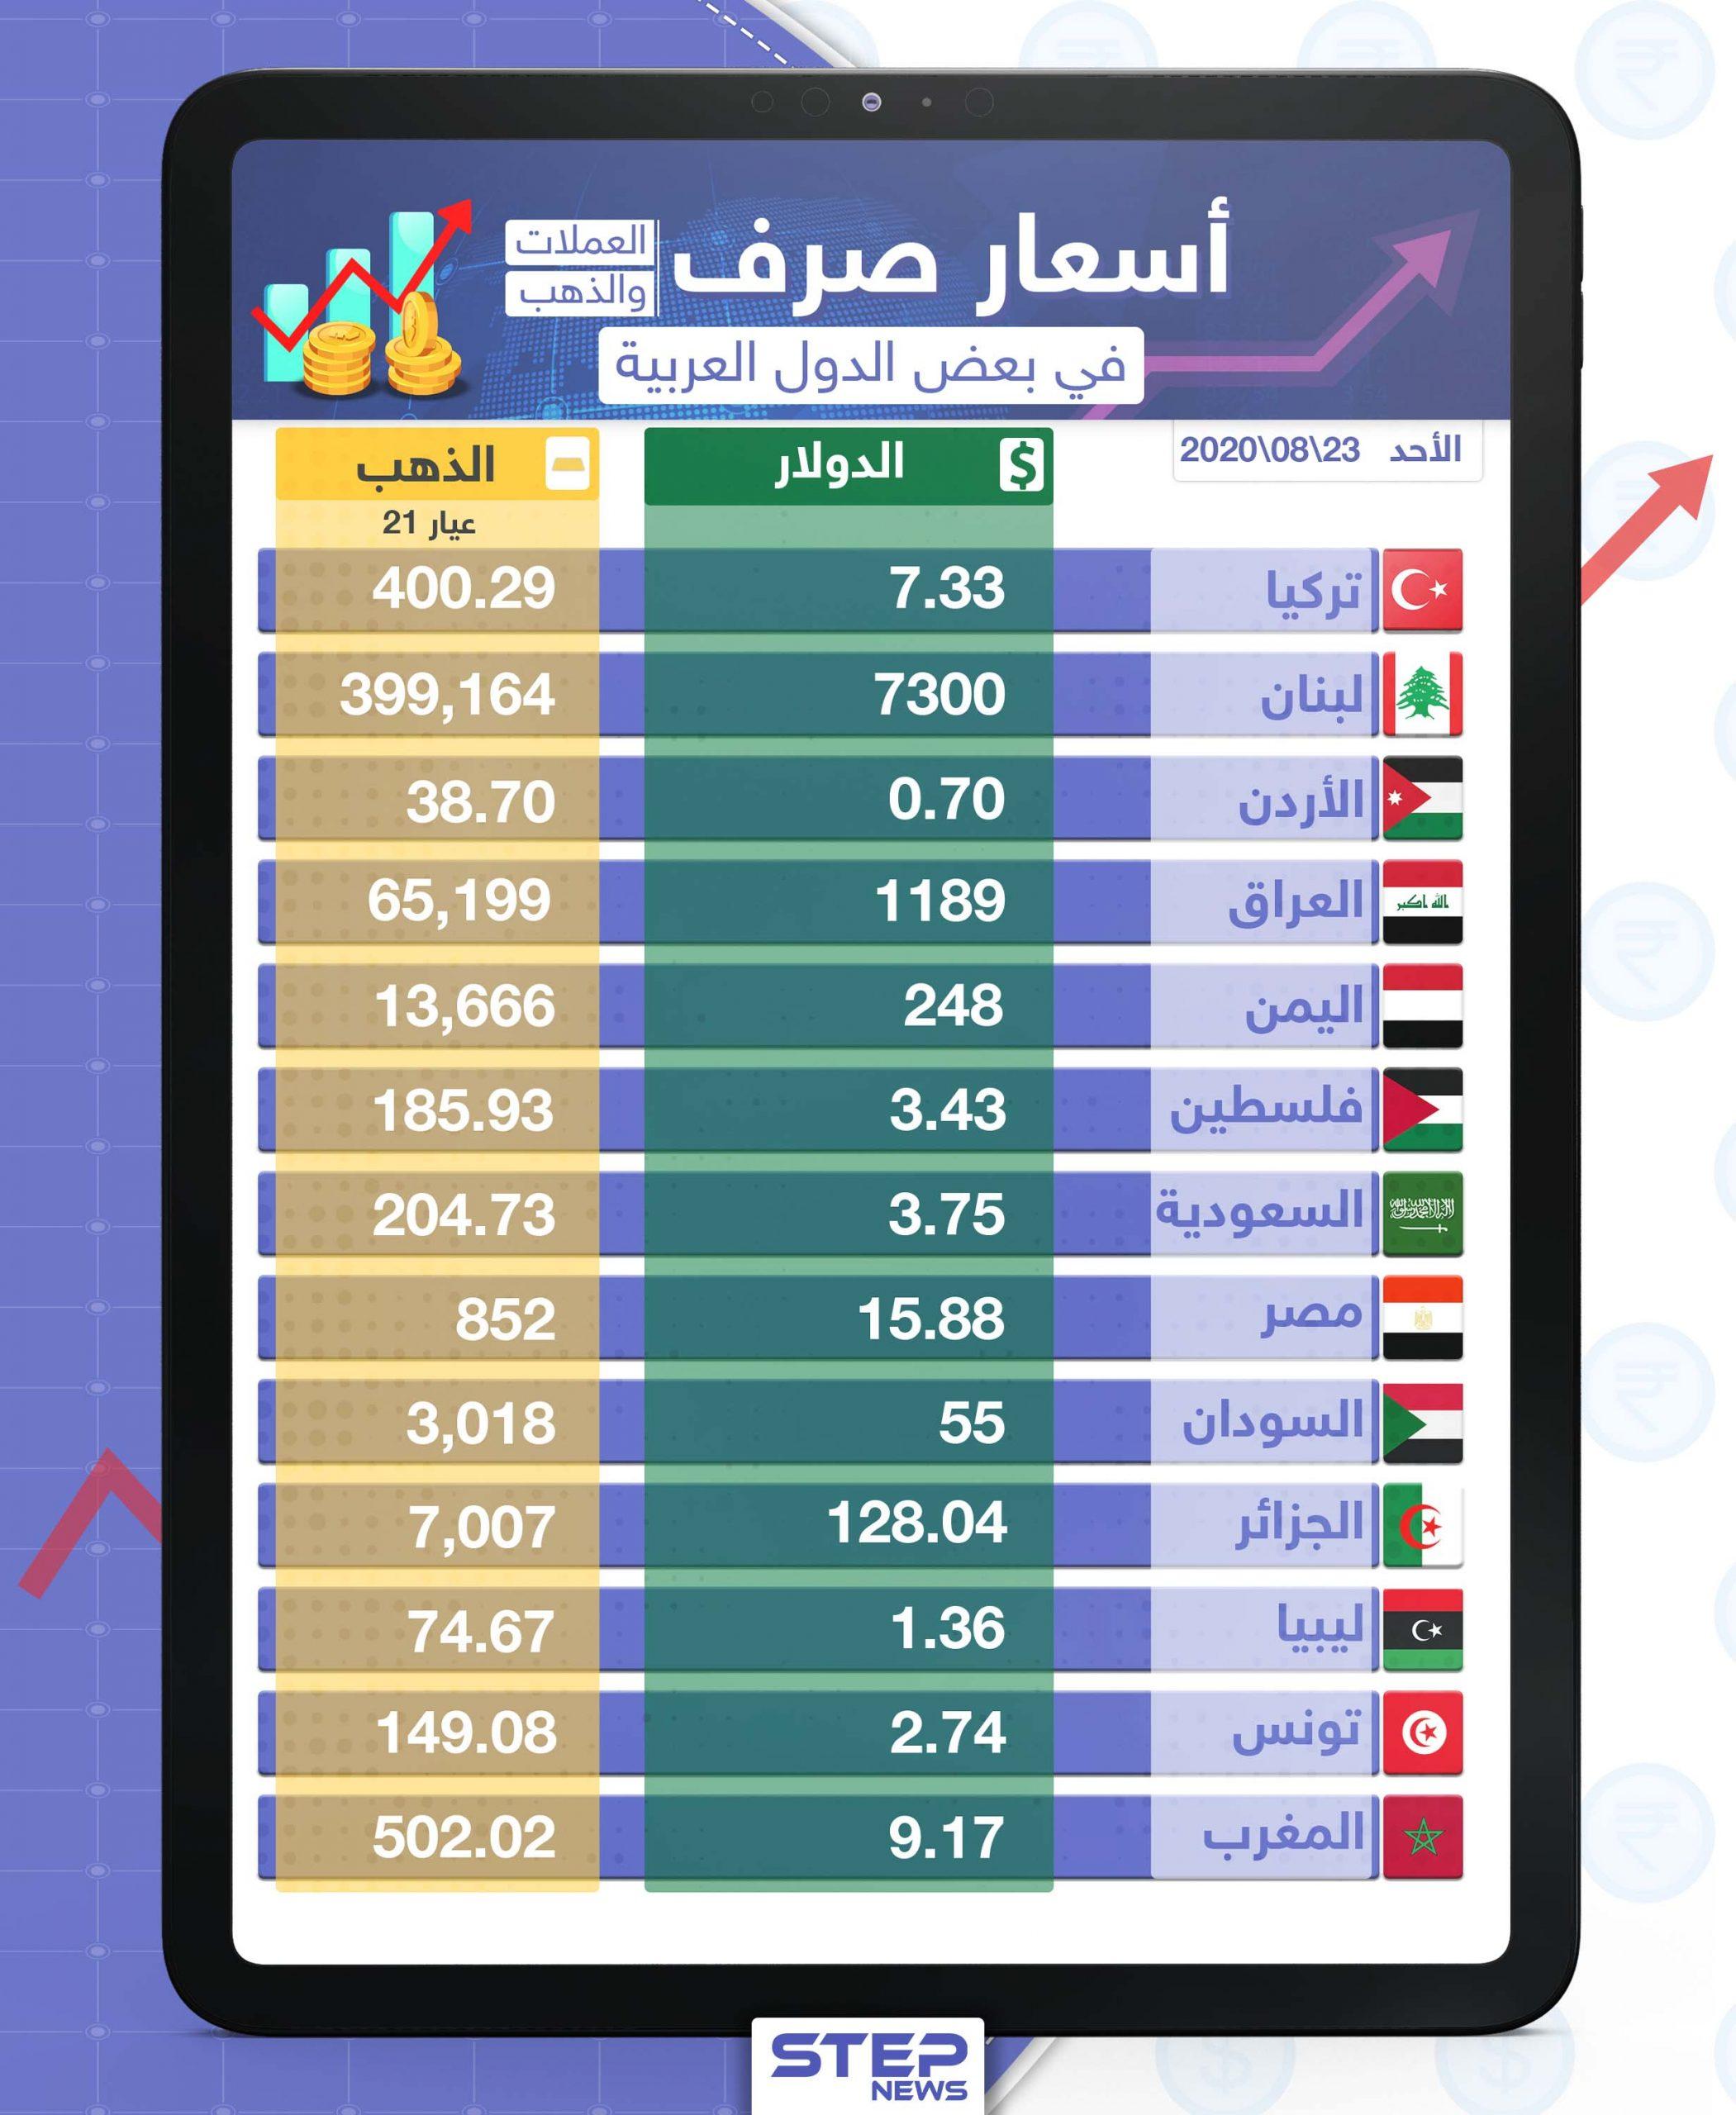 أسعار الذهب والعملات للدول العربية وتركيا اليوم الأحد الموافق 23 آب 2020